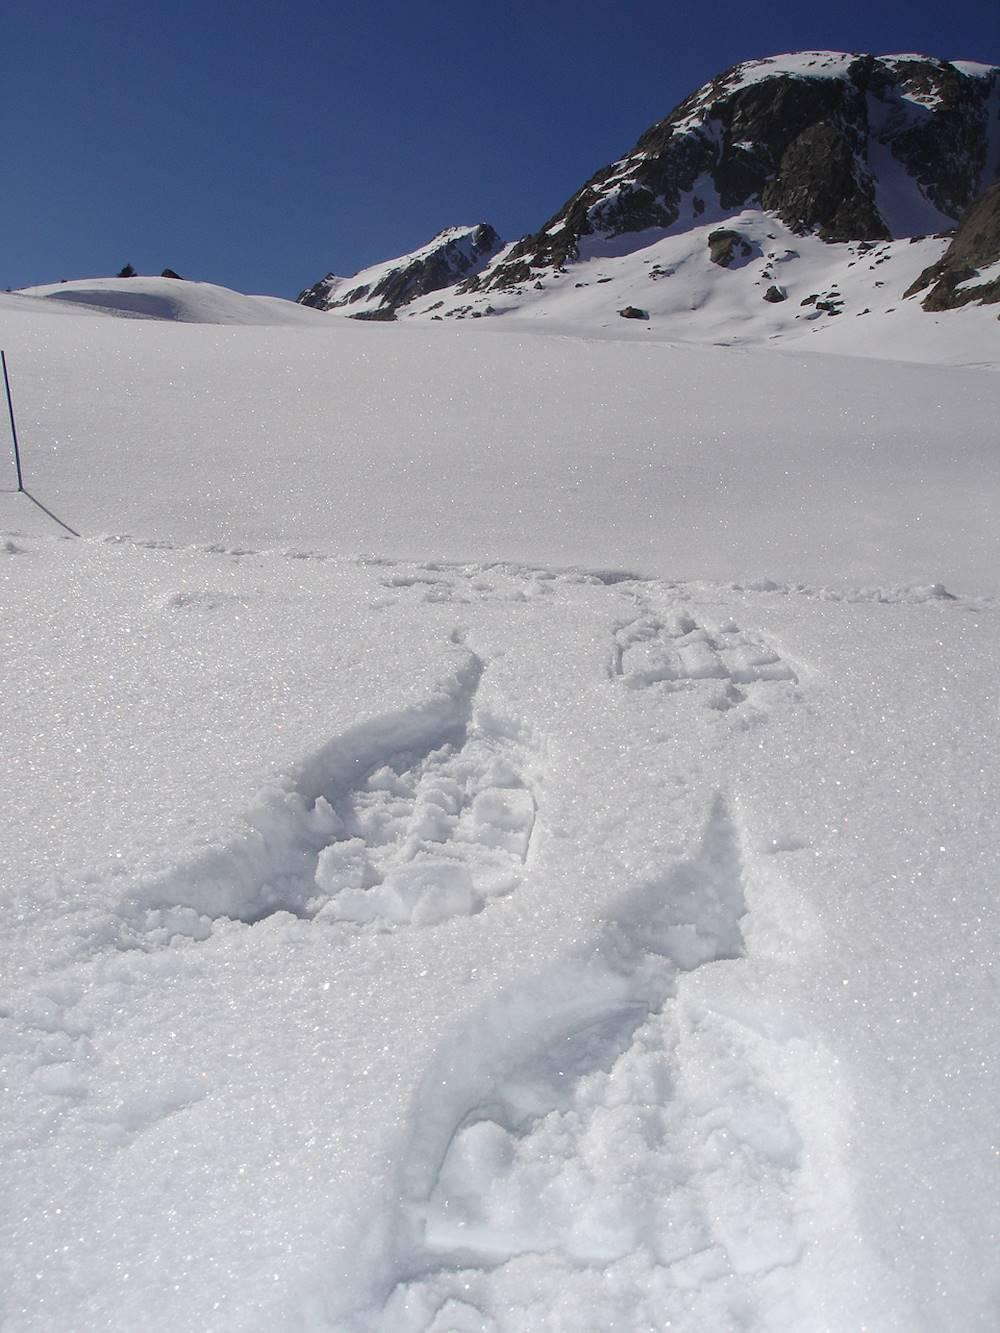 ESF (Ecole de ski français) © ESF (Ecole de ski français)